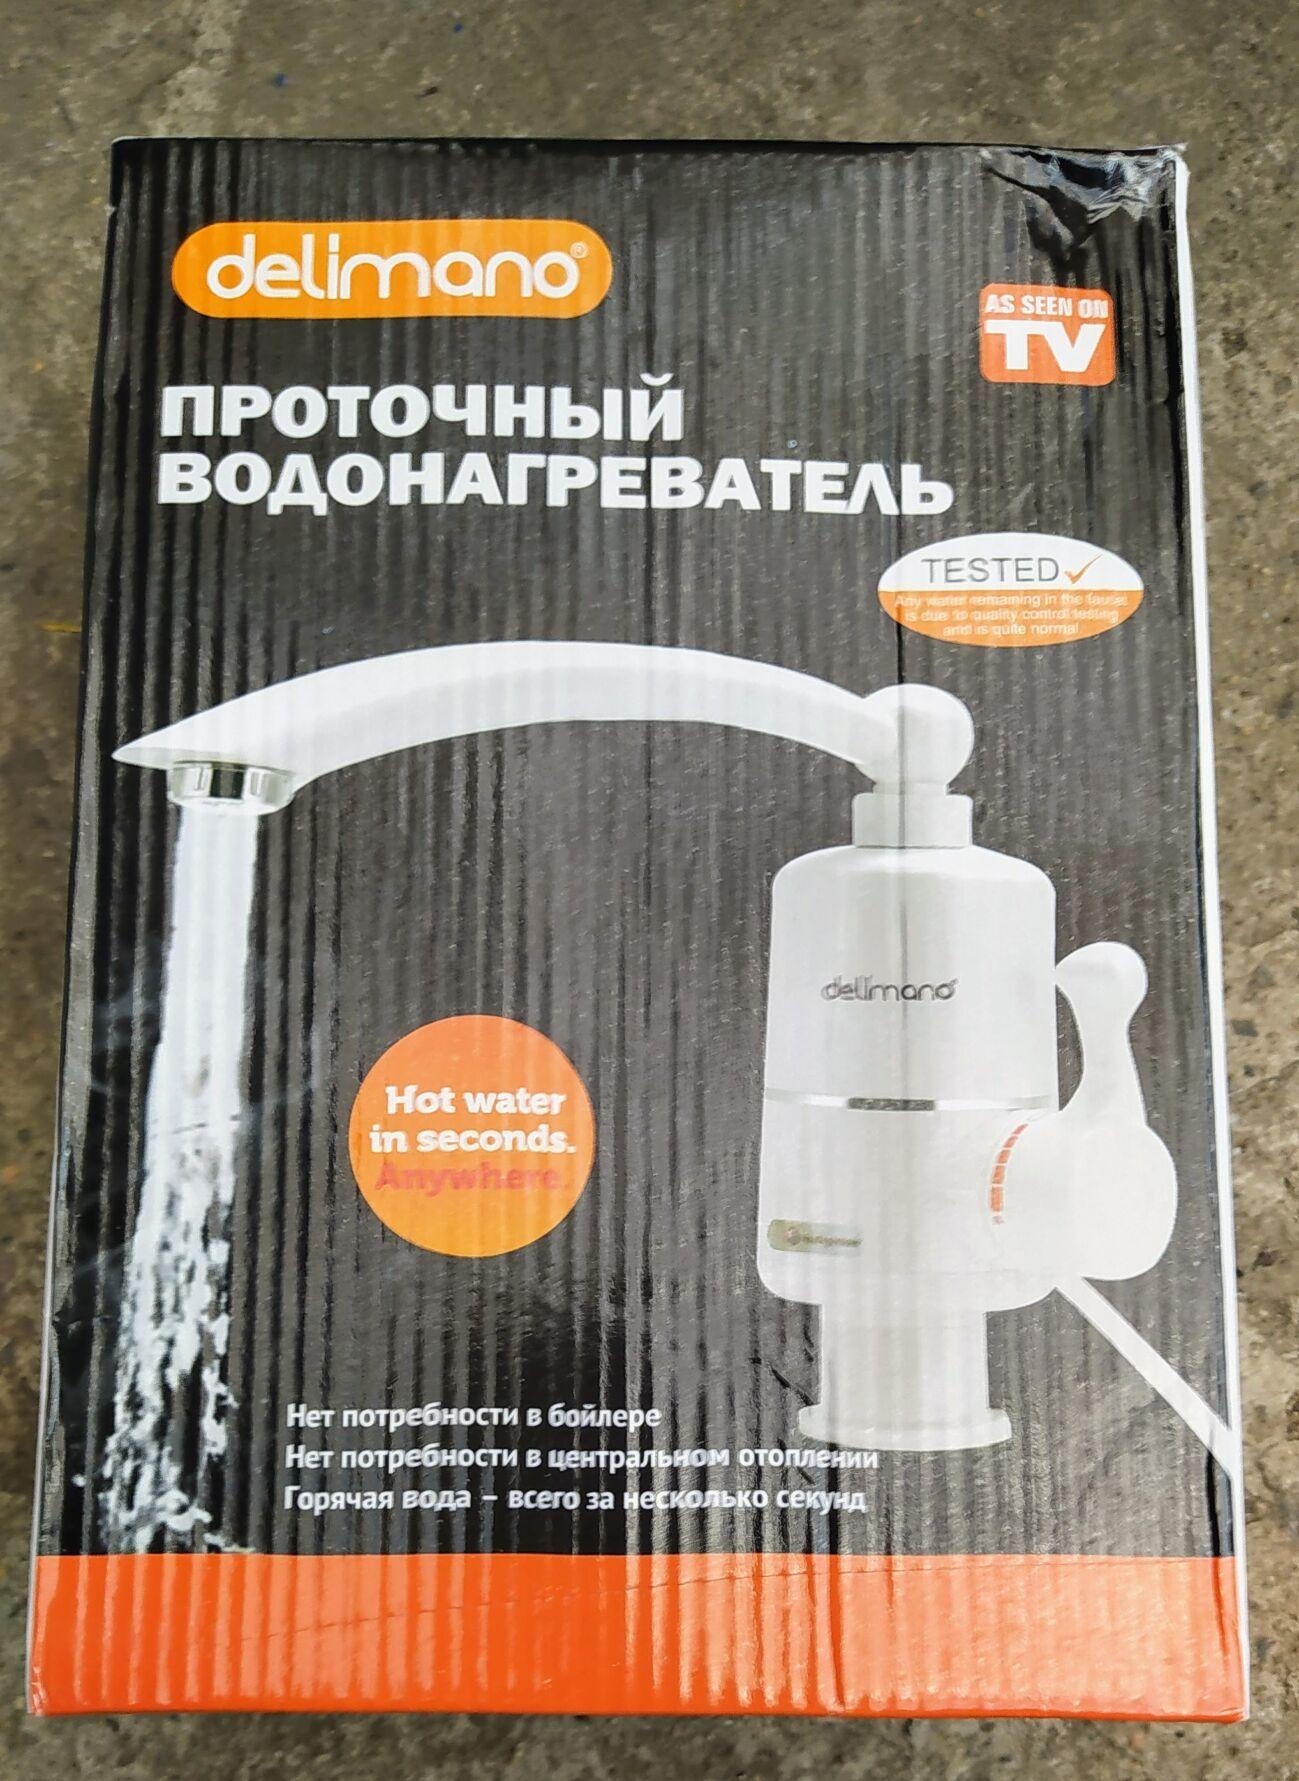 Проточный электрический водонагреватель на кран «делимано»: отзывы и цены